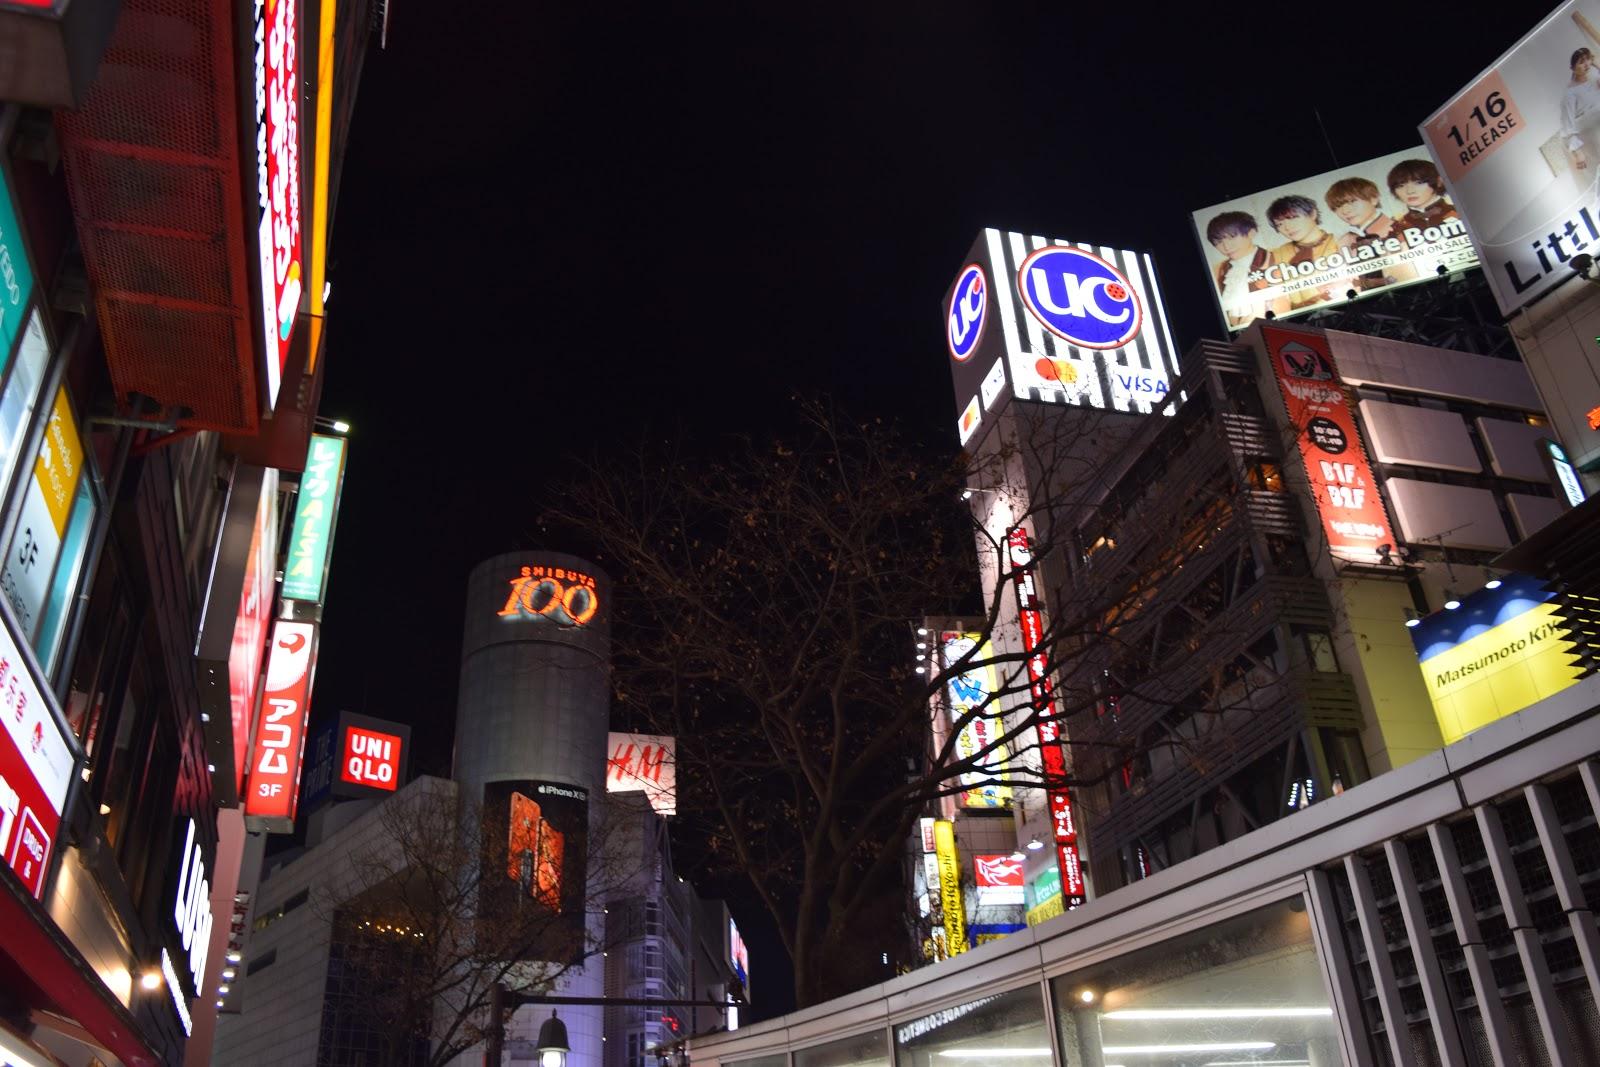 Shibuya 109 at night